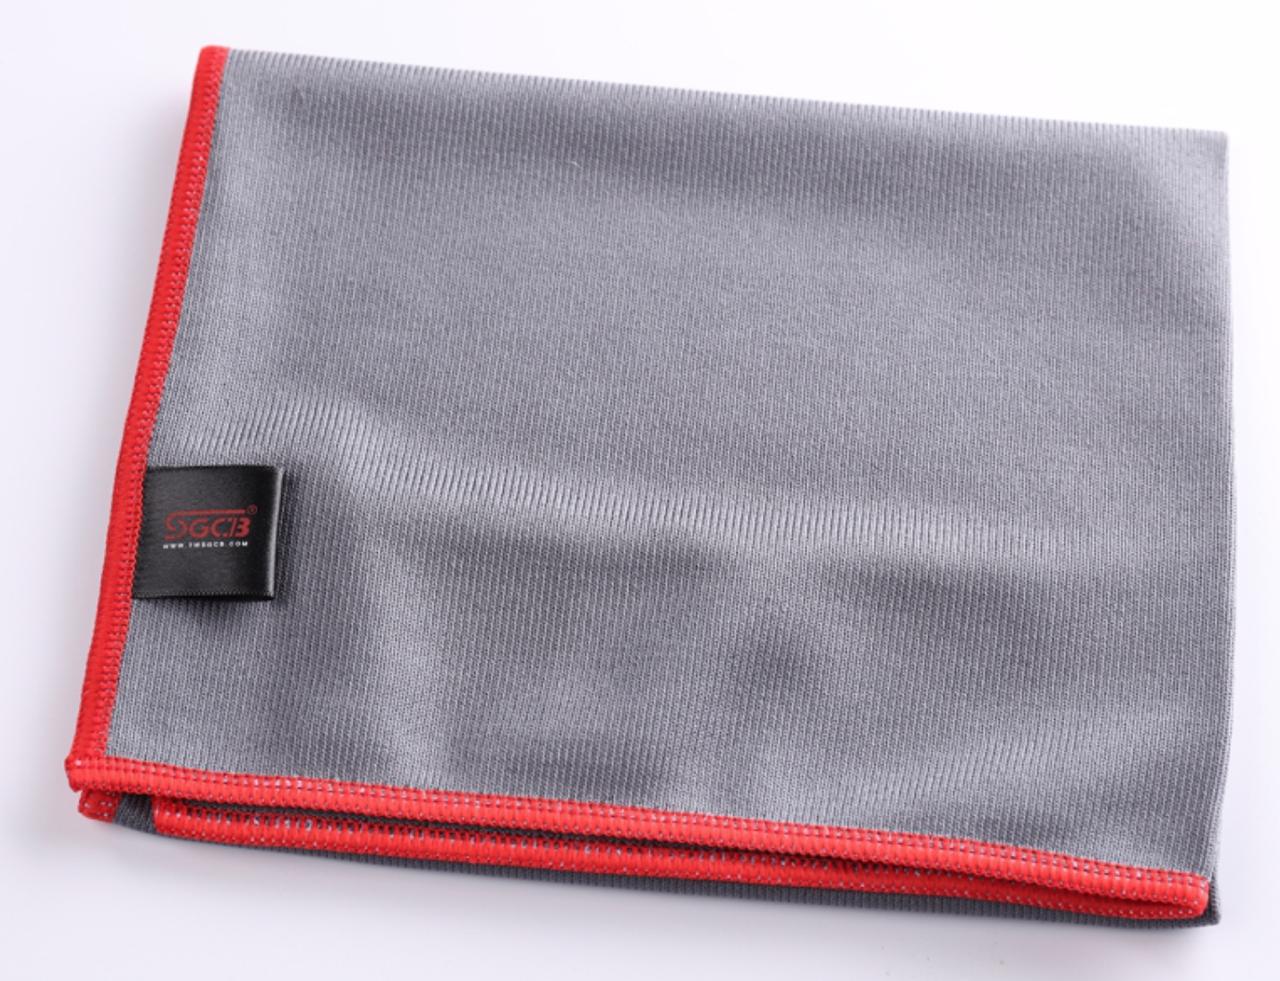 Микрофибра для протирки стекол SGCB Glass Microfiber Towel 40*40см 300 г/м2 серая